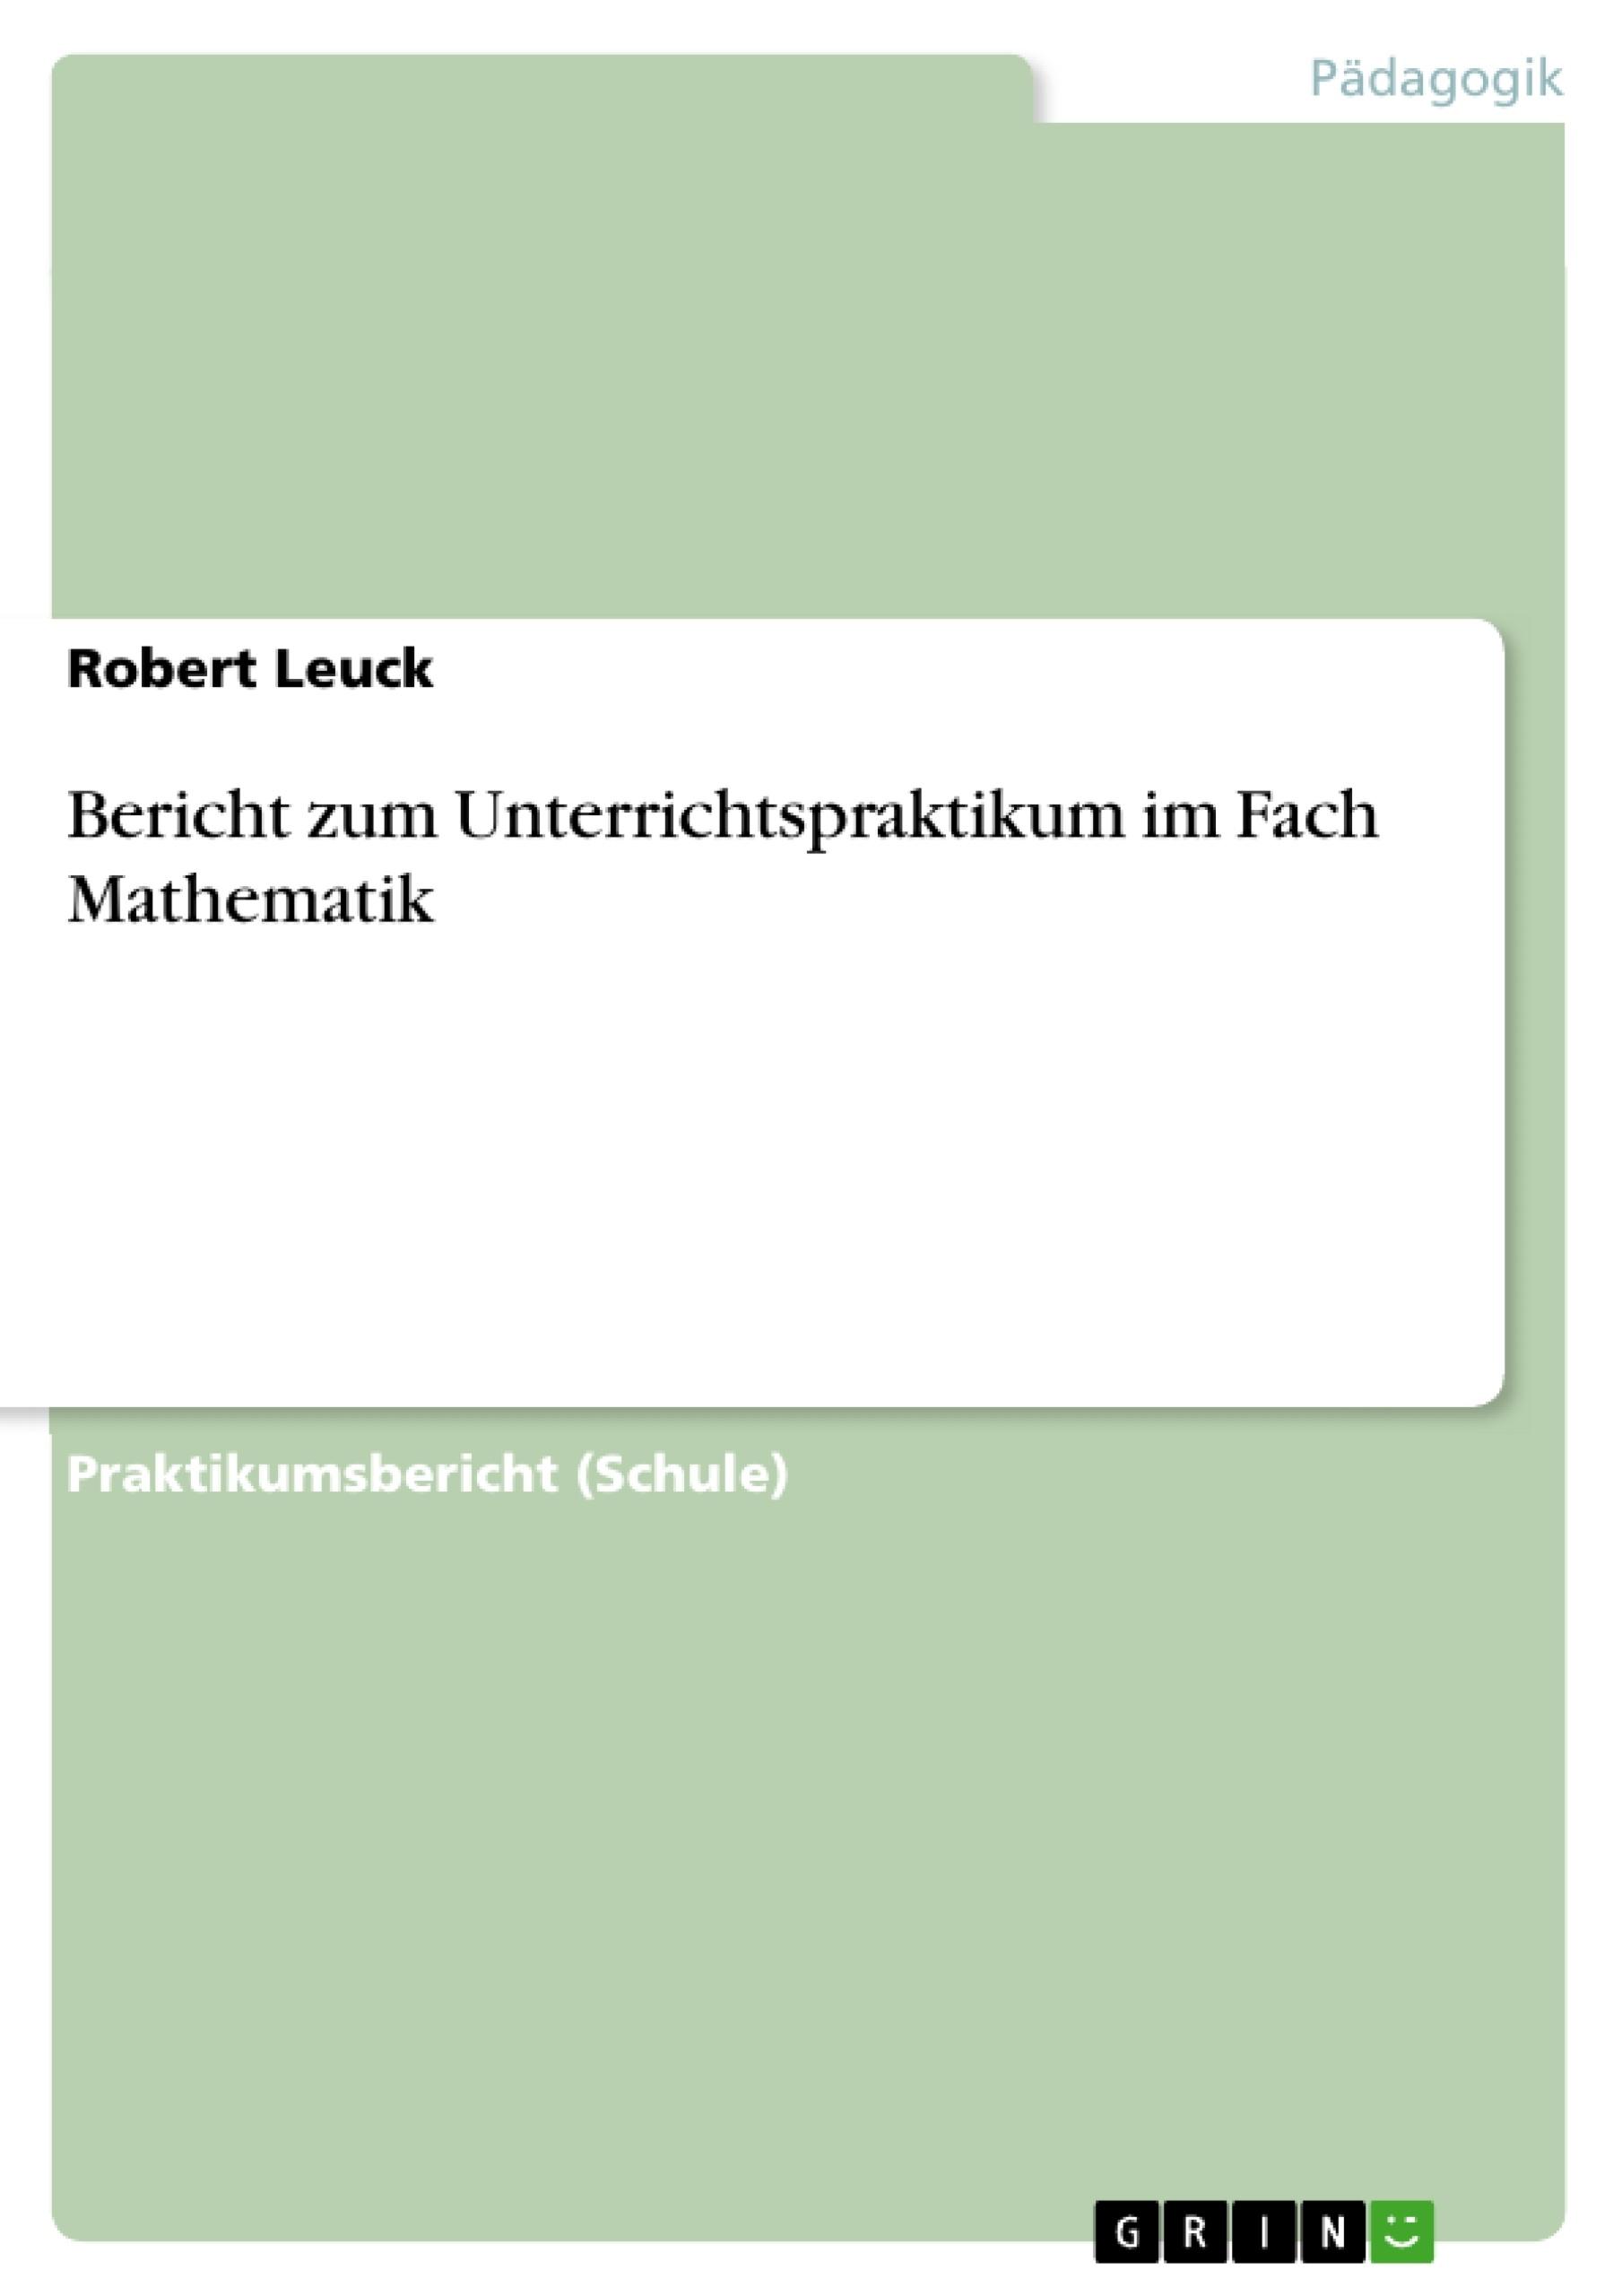 Titel: Bericht zum Unterrichtspraktikum im Fach Mathematik